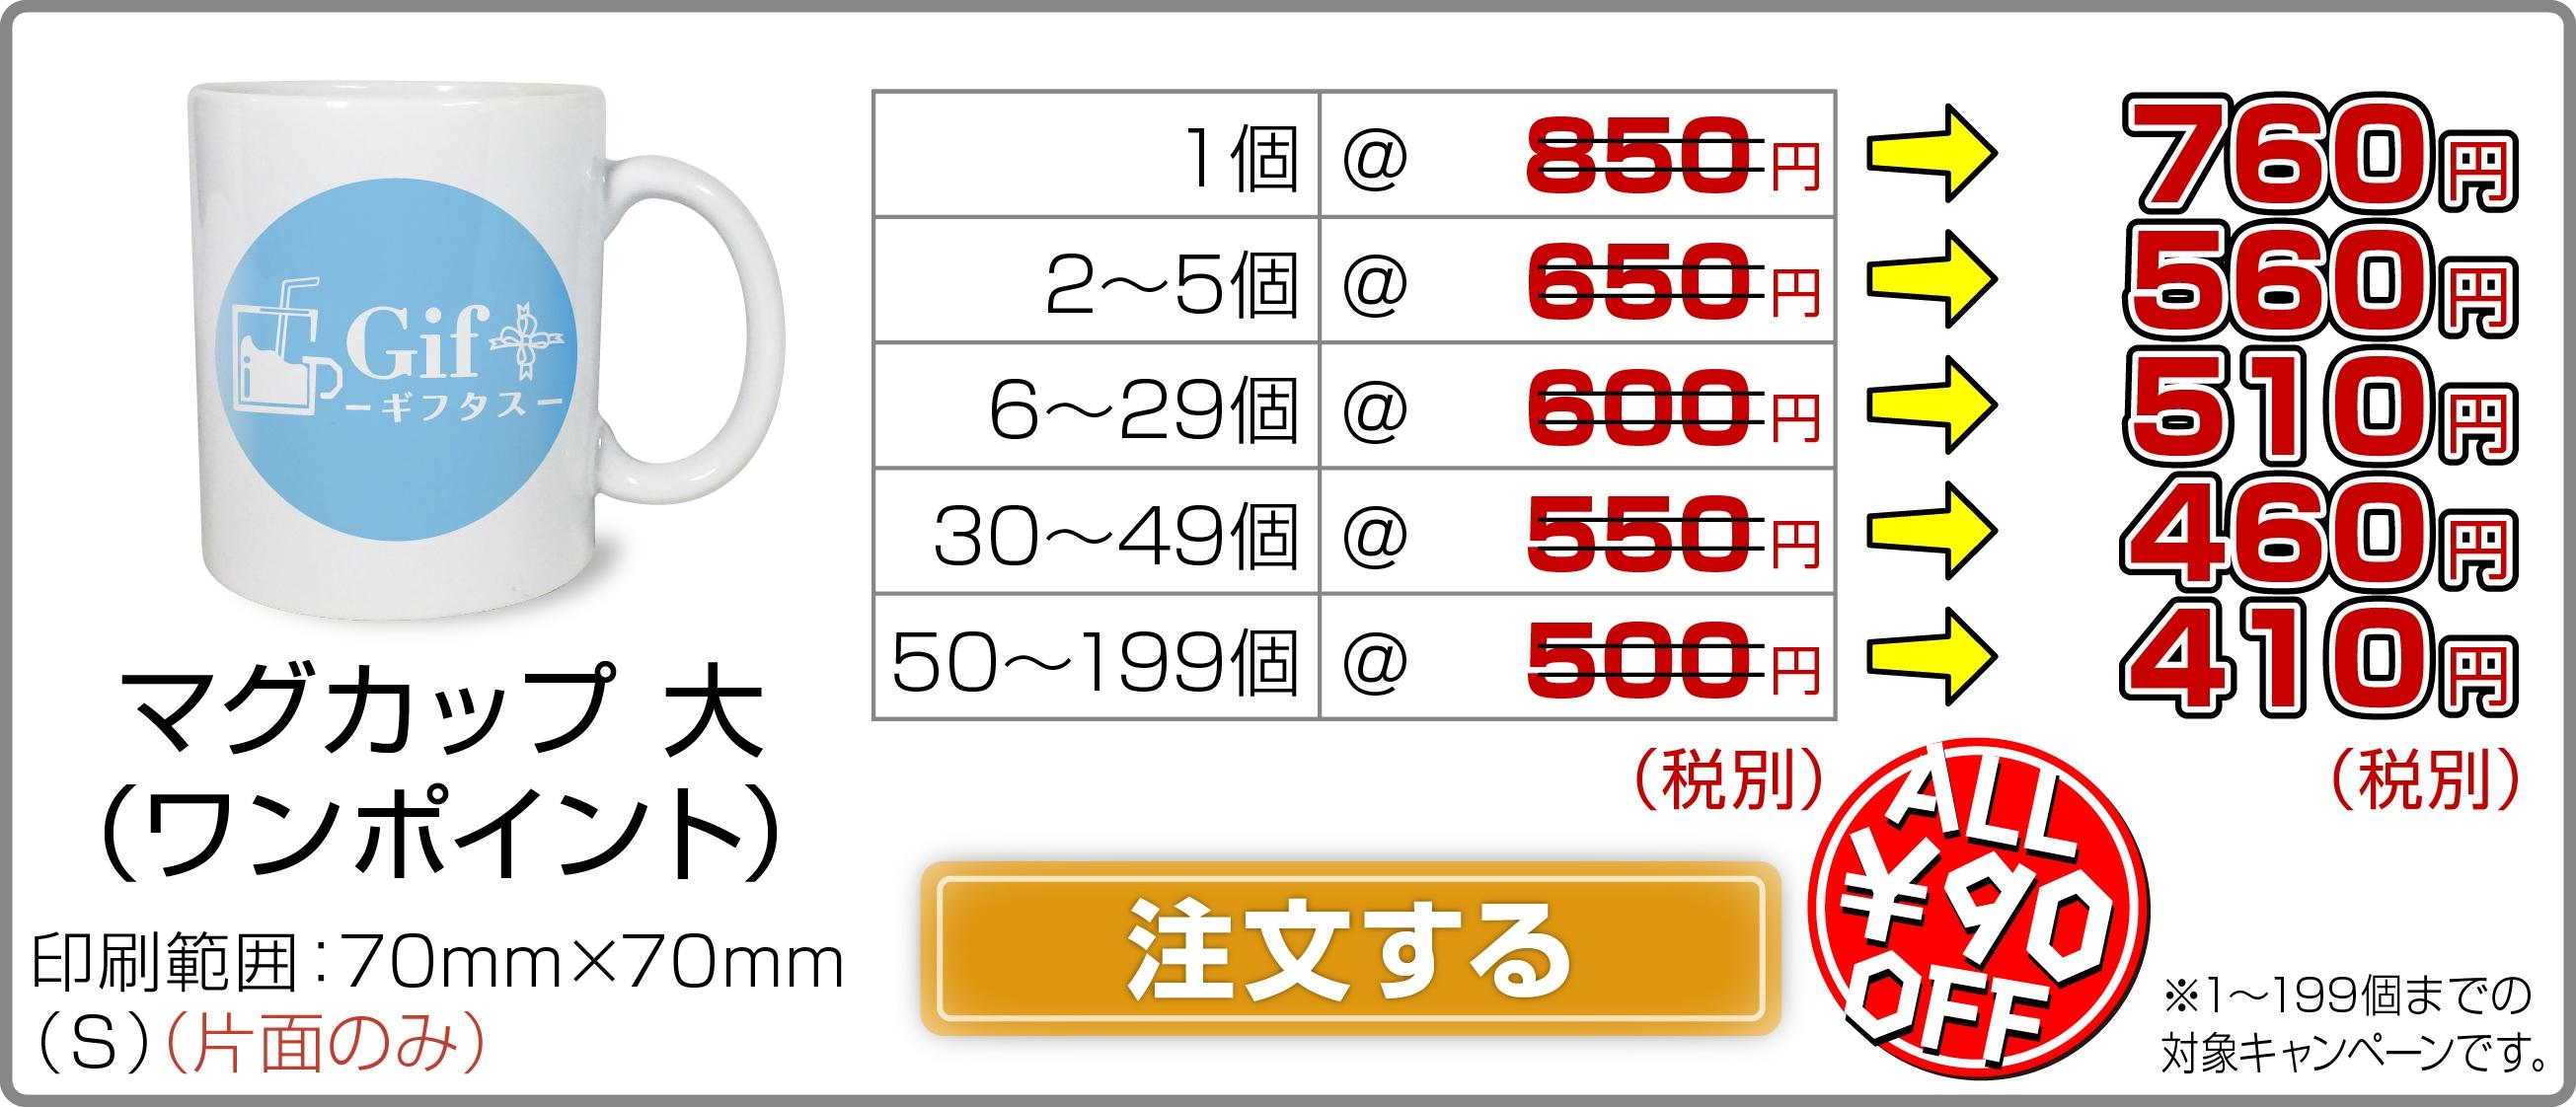 マグカップ大Sワンポイント注文